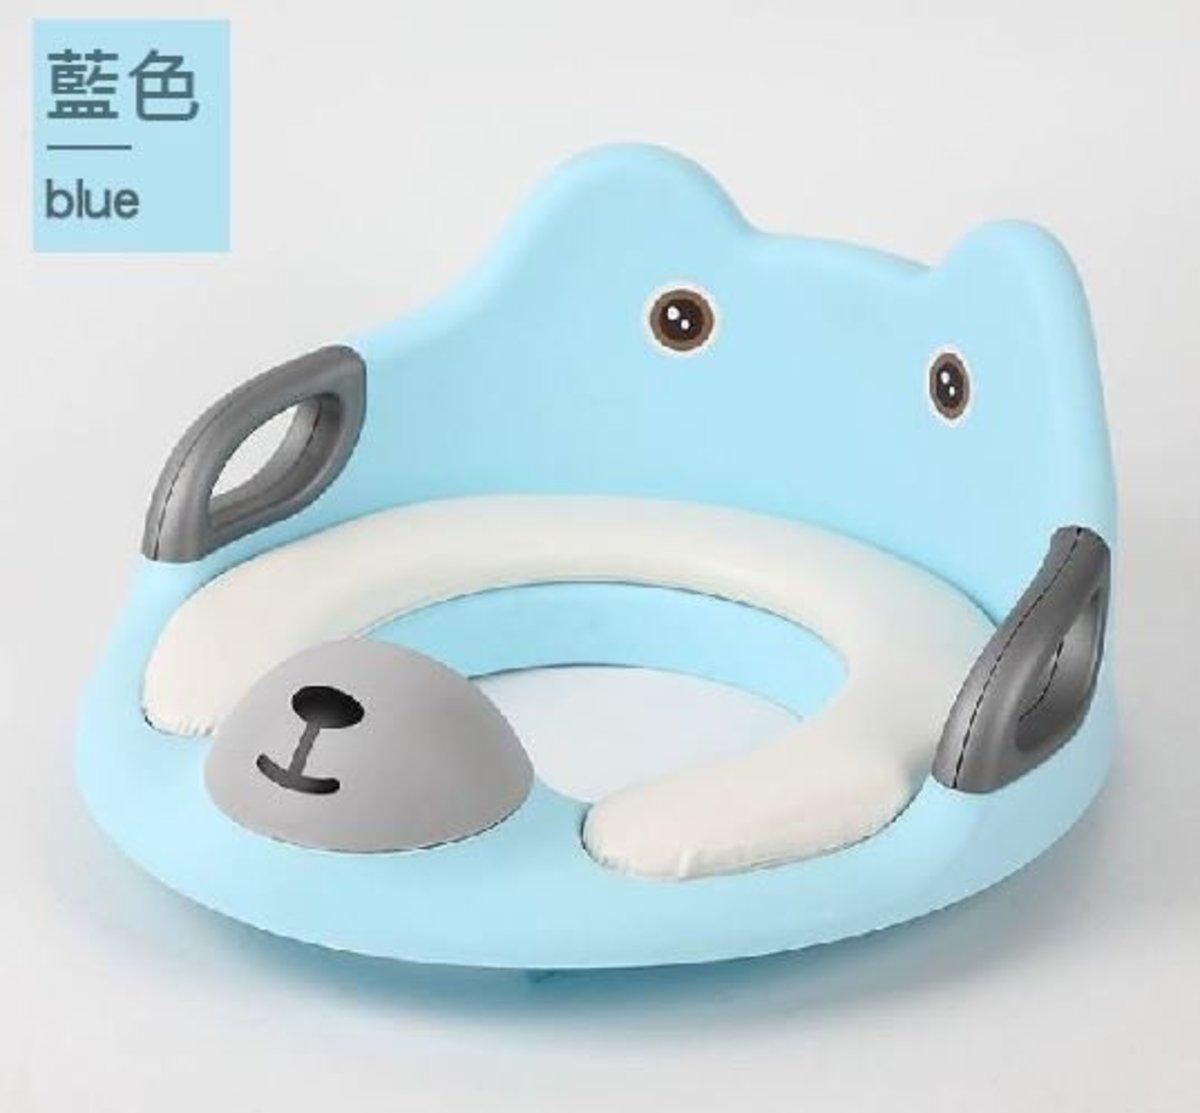 嬰兒/兒童坐便器 (帶扶手) 小熊藍色